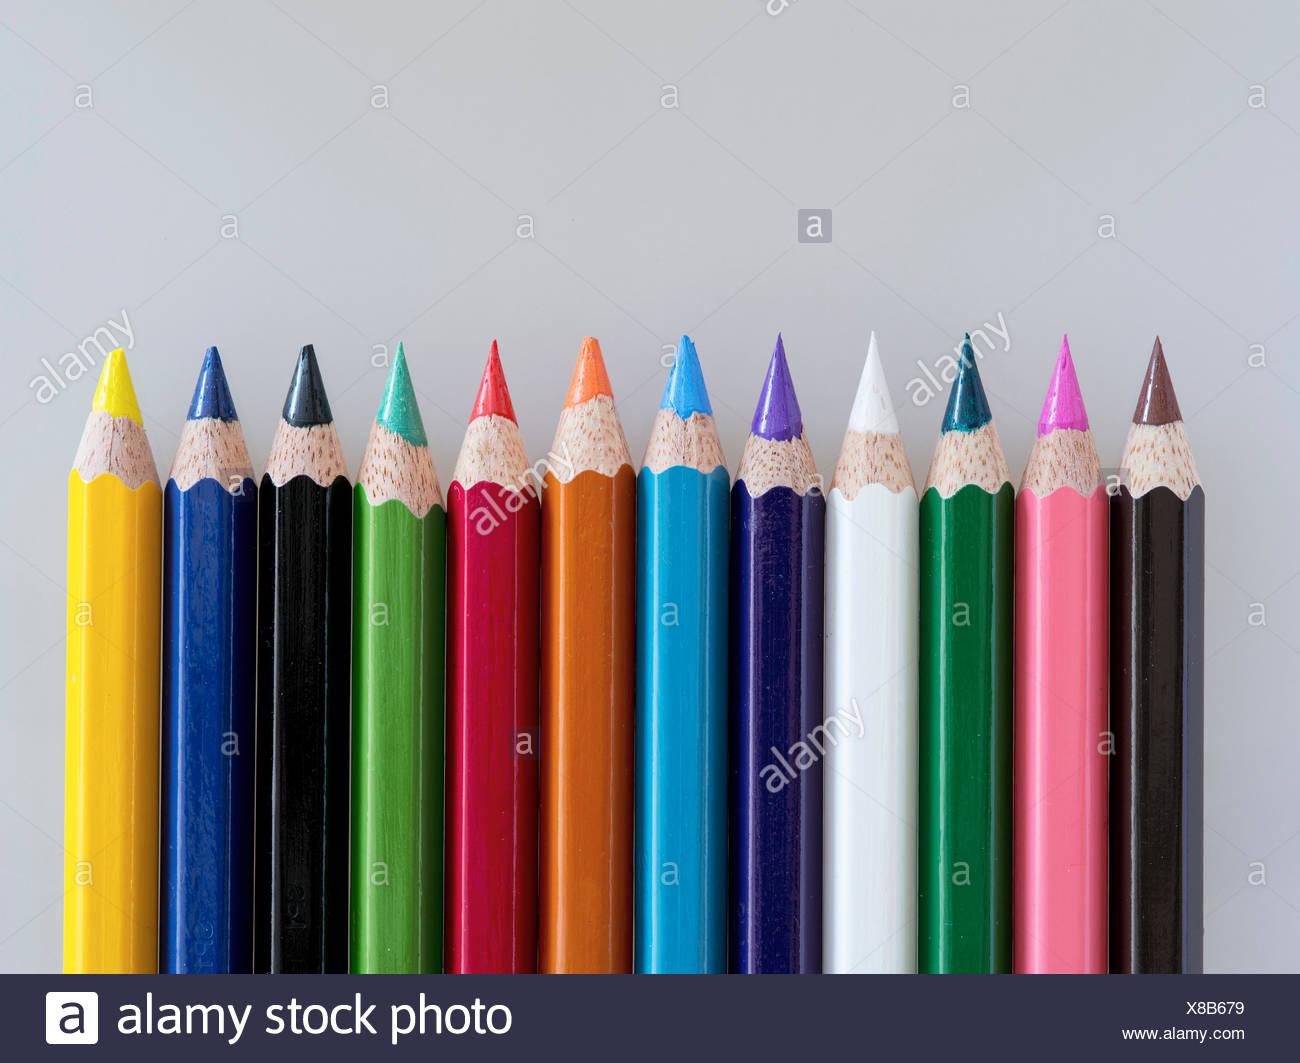 Foto de estudio de lápices de colores Imagen De Stock